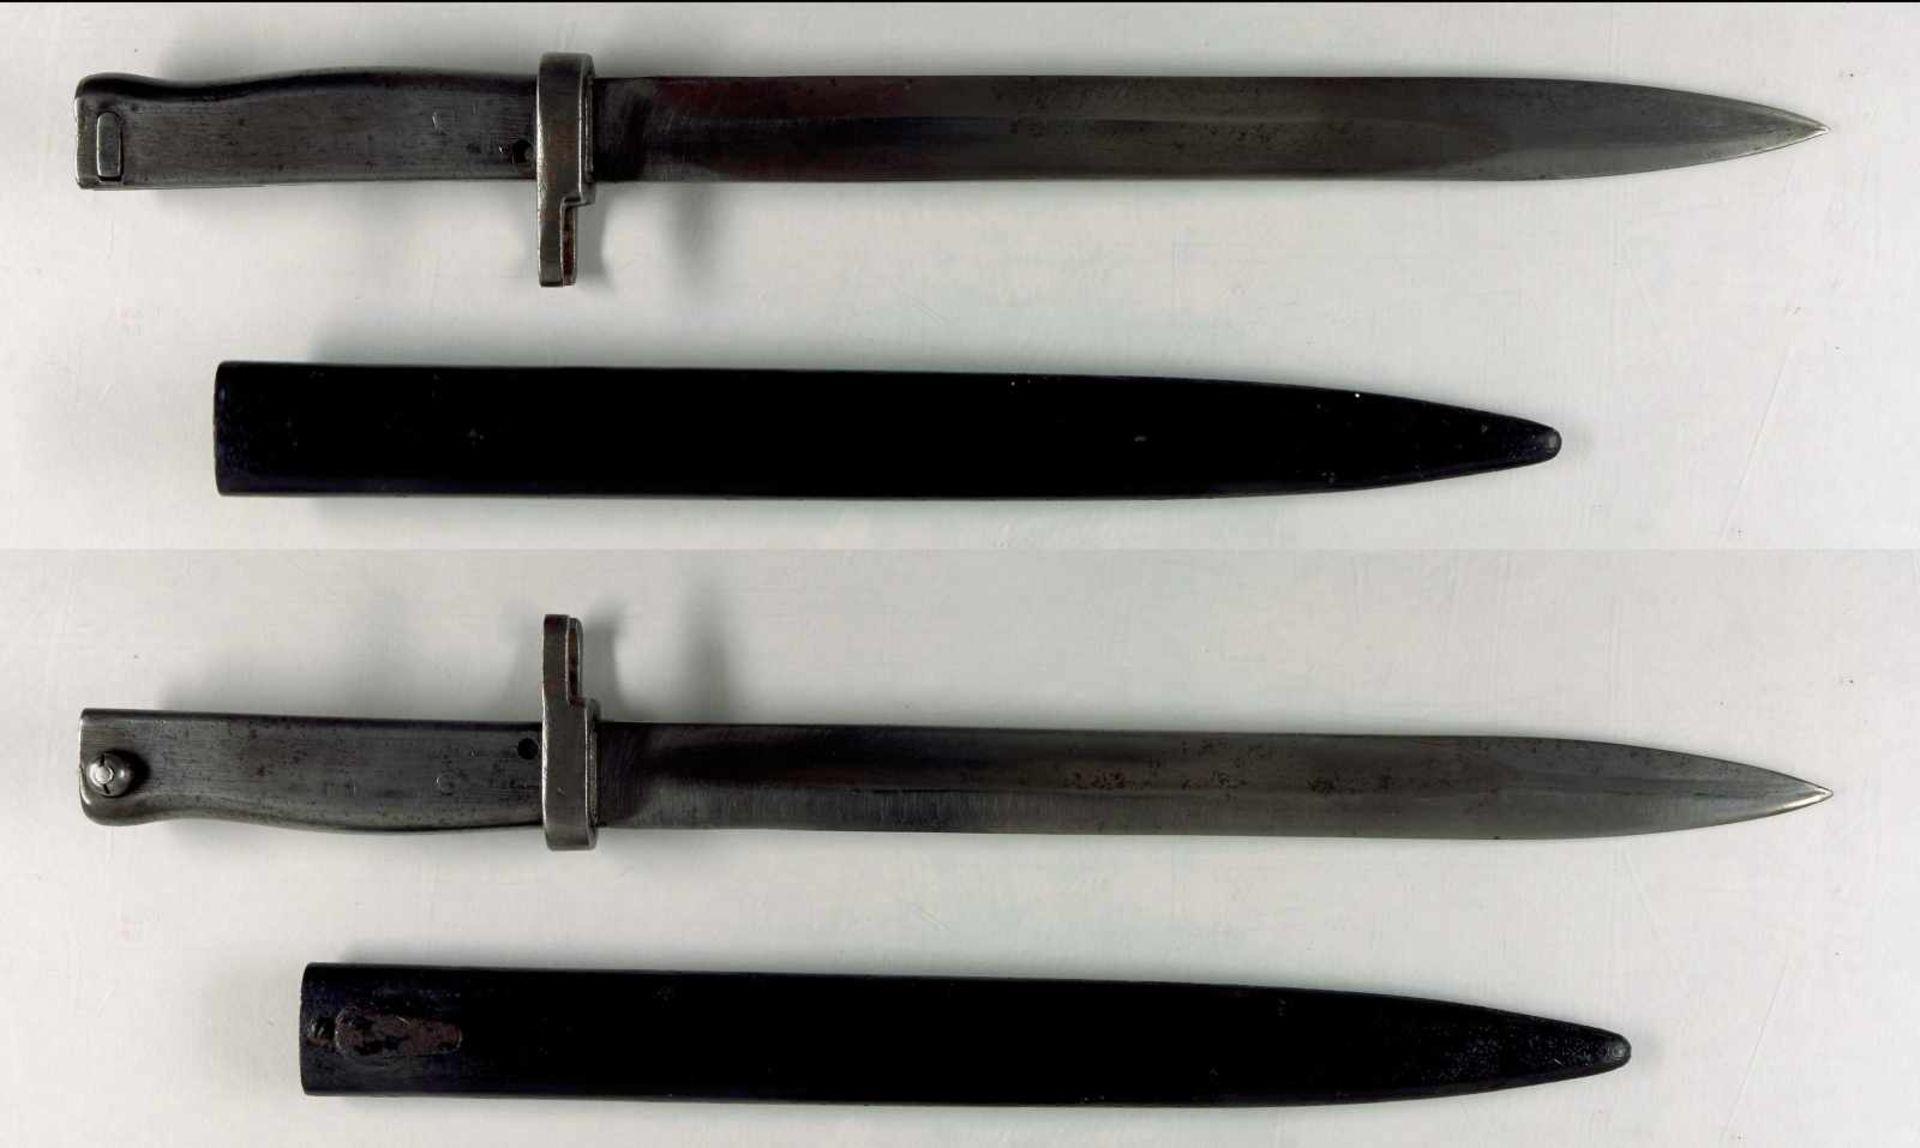 Blankwaffen Deutschland Aushilfsseitengewehr/Ersatzbajonett, Klinge ohne Hersteller, mit